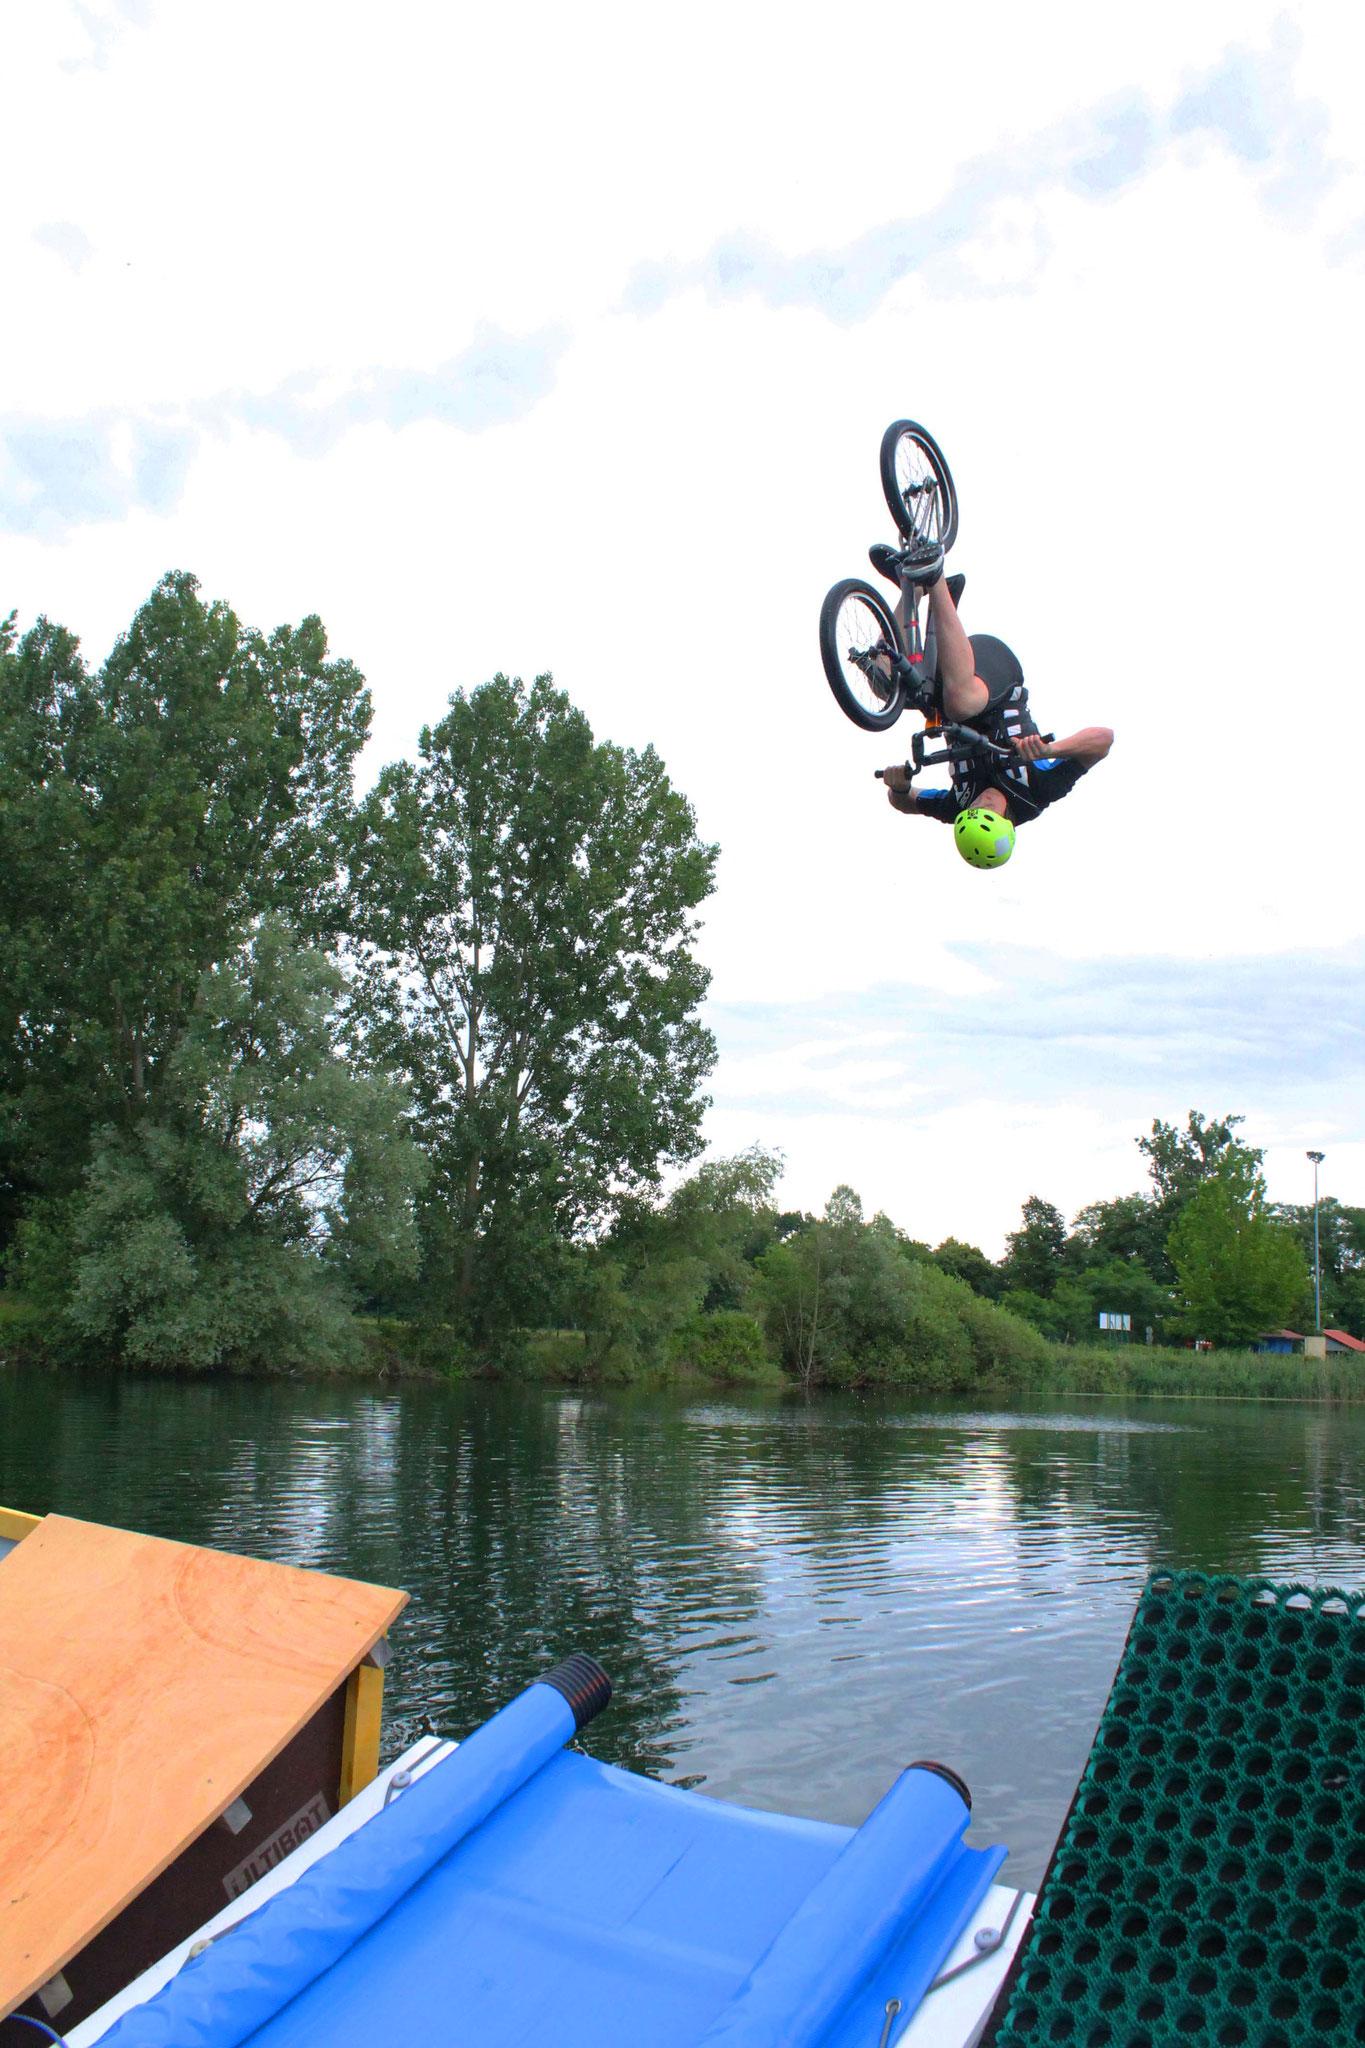 Wassersprung Contest